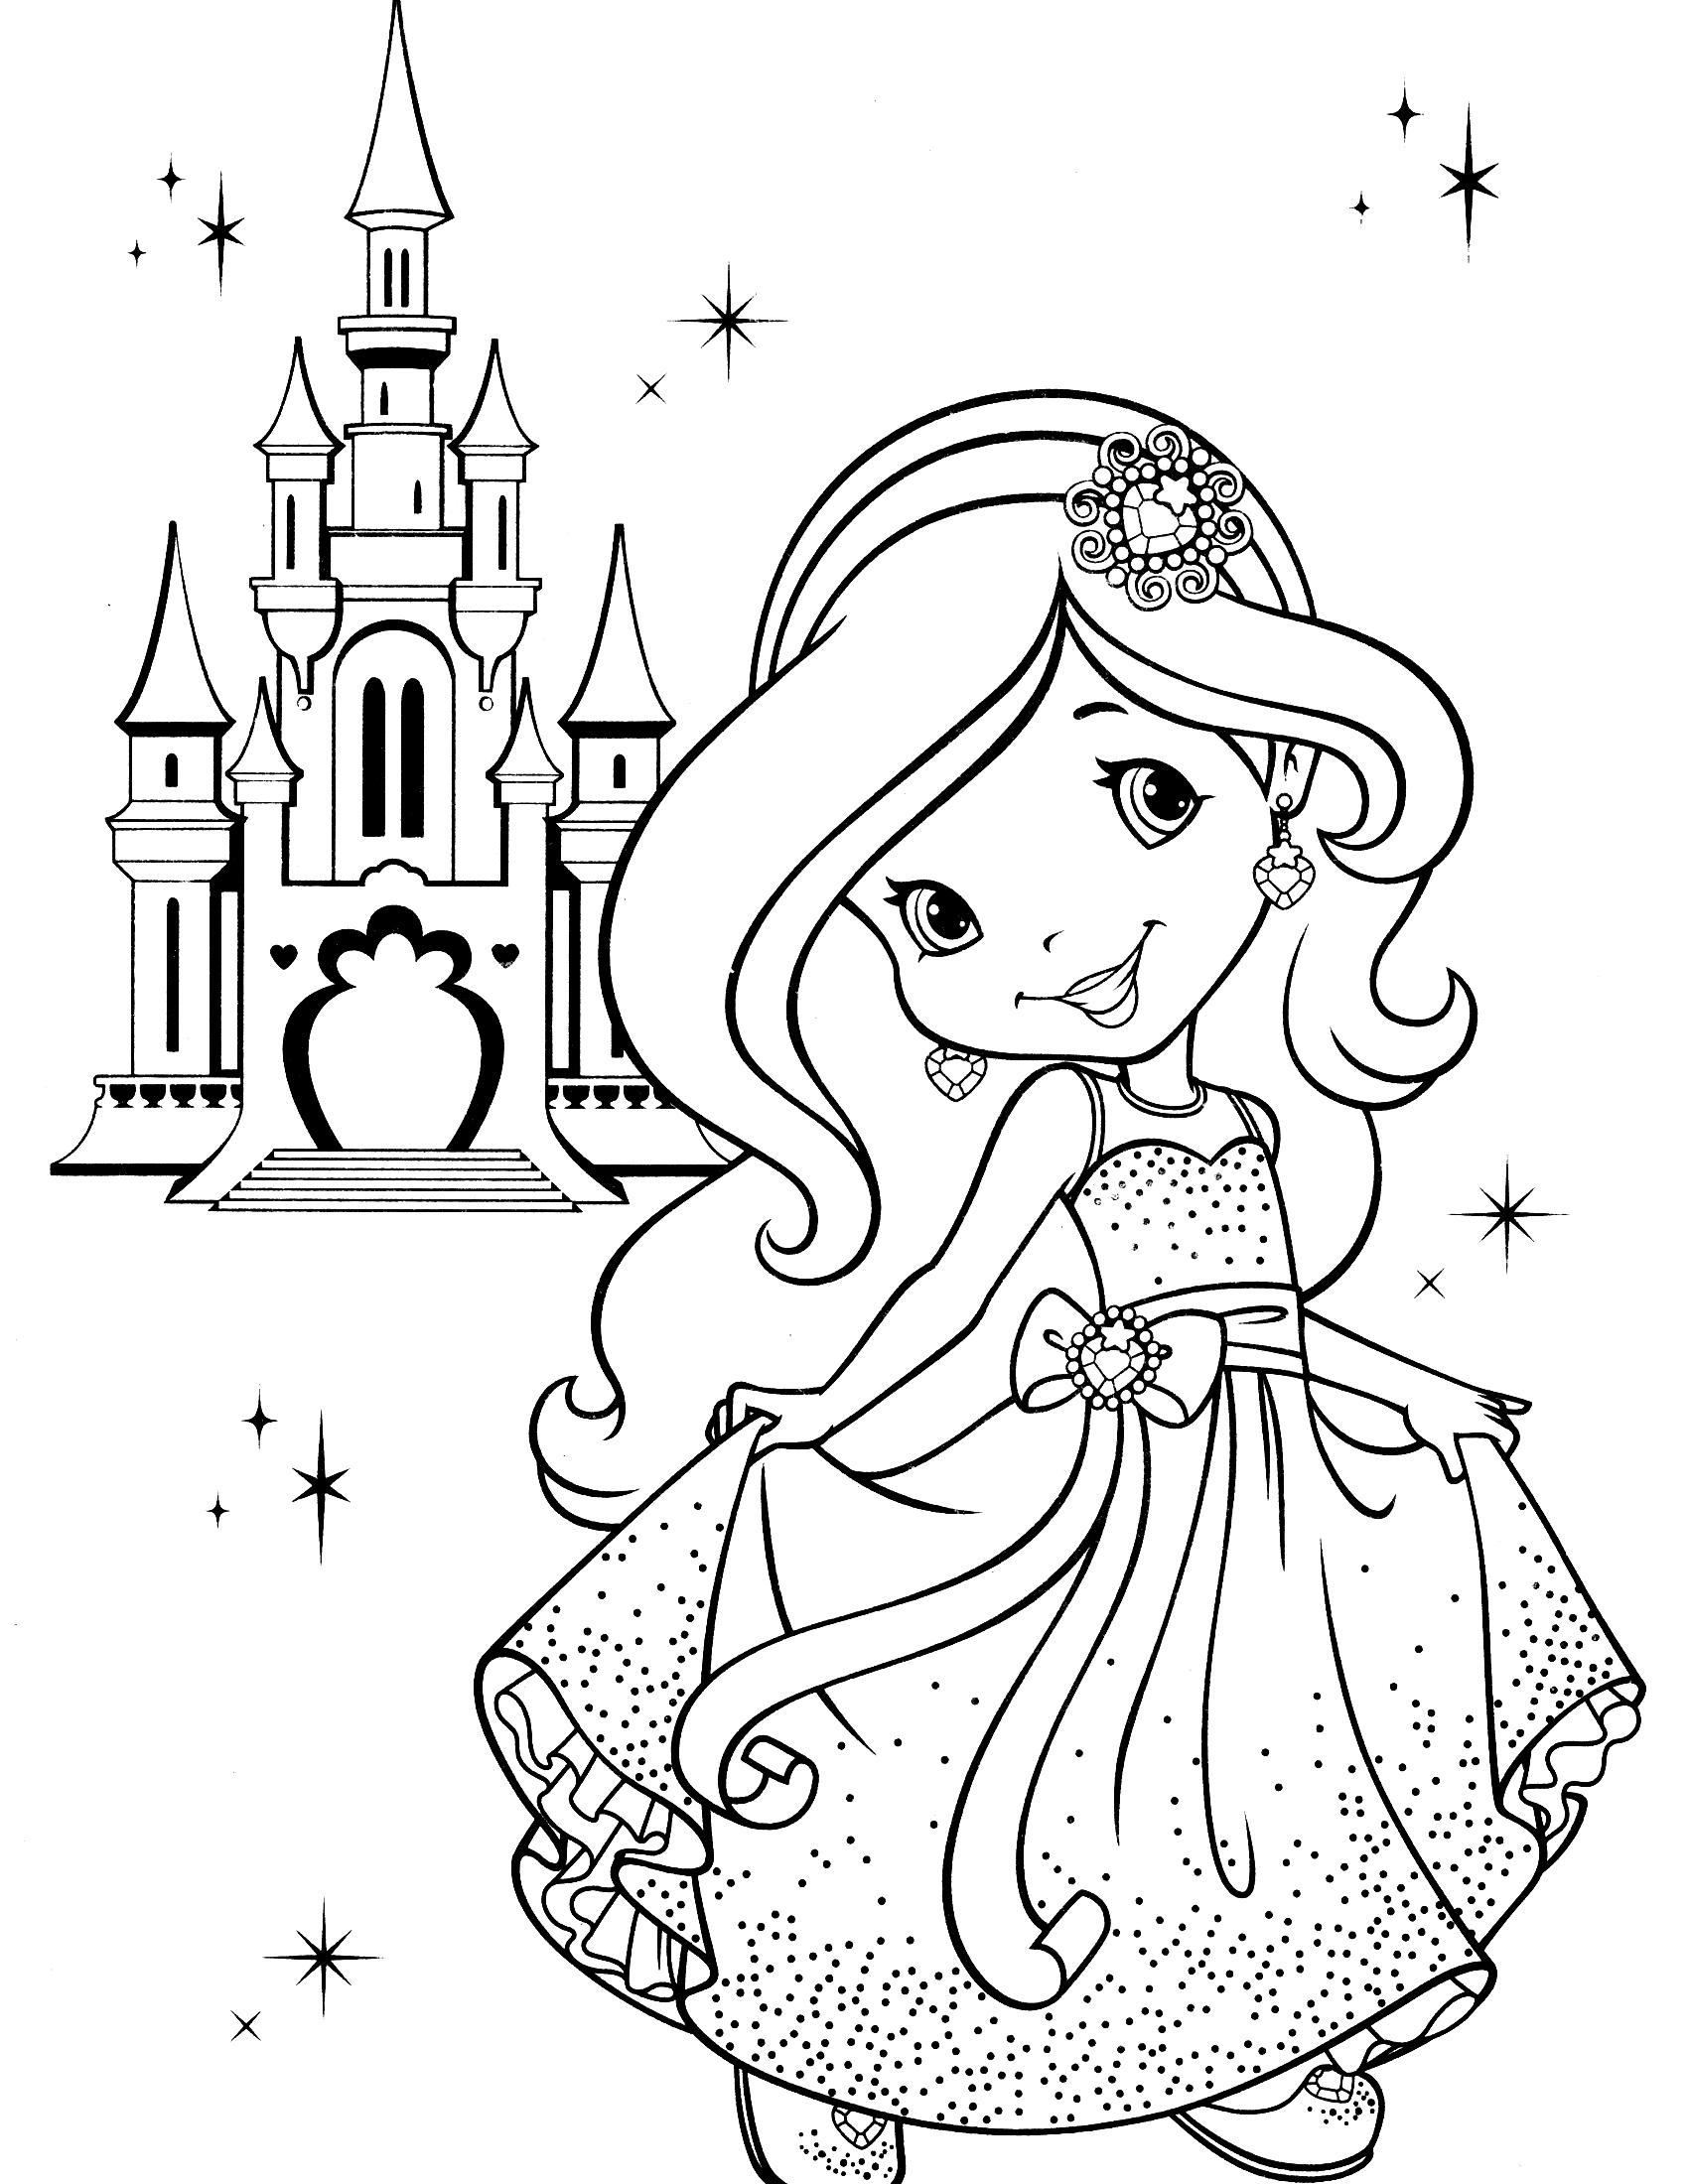 desenho de princesa moranguinho no castelo para colorir tudodesenhos